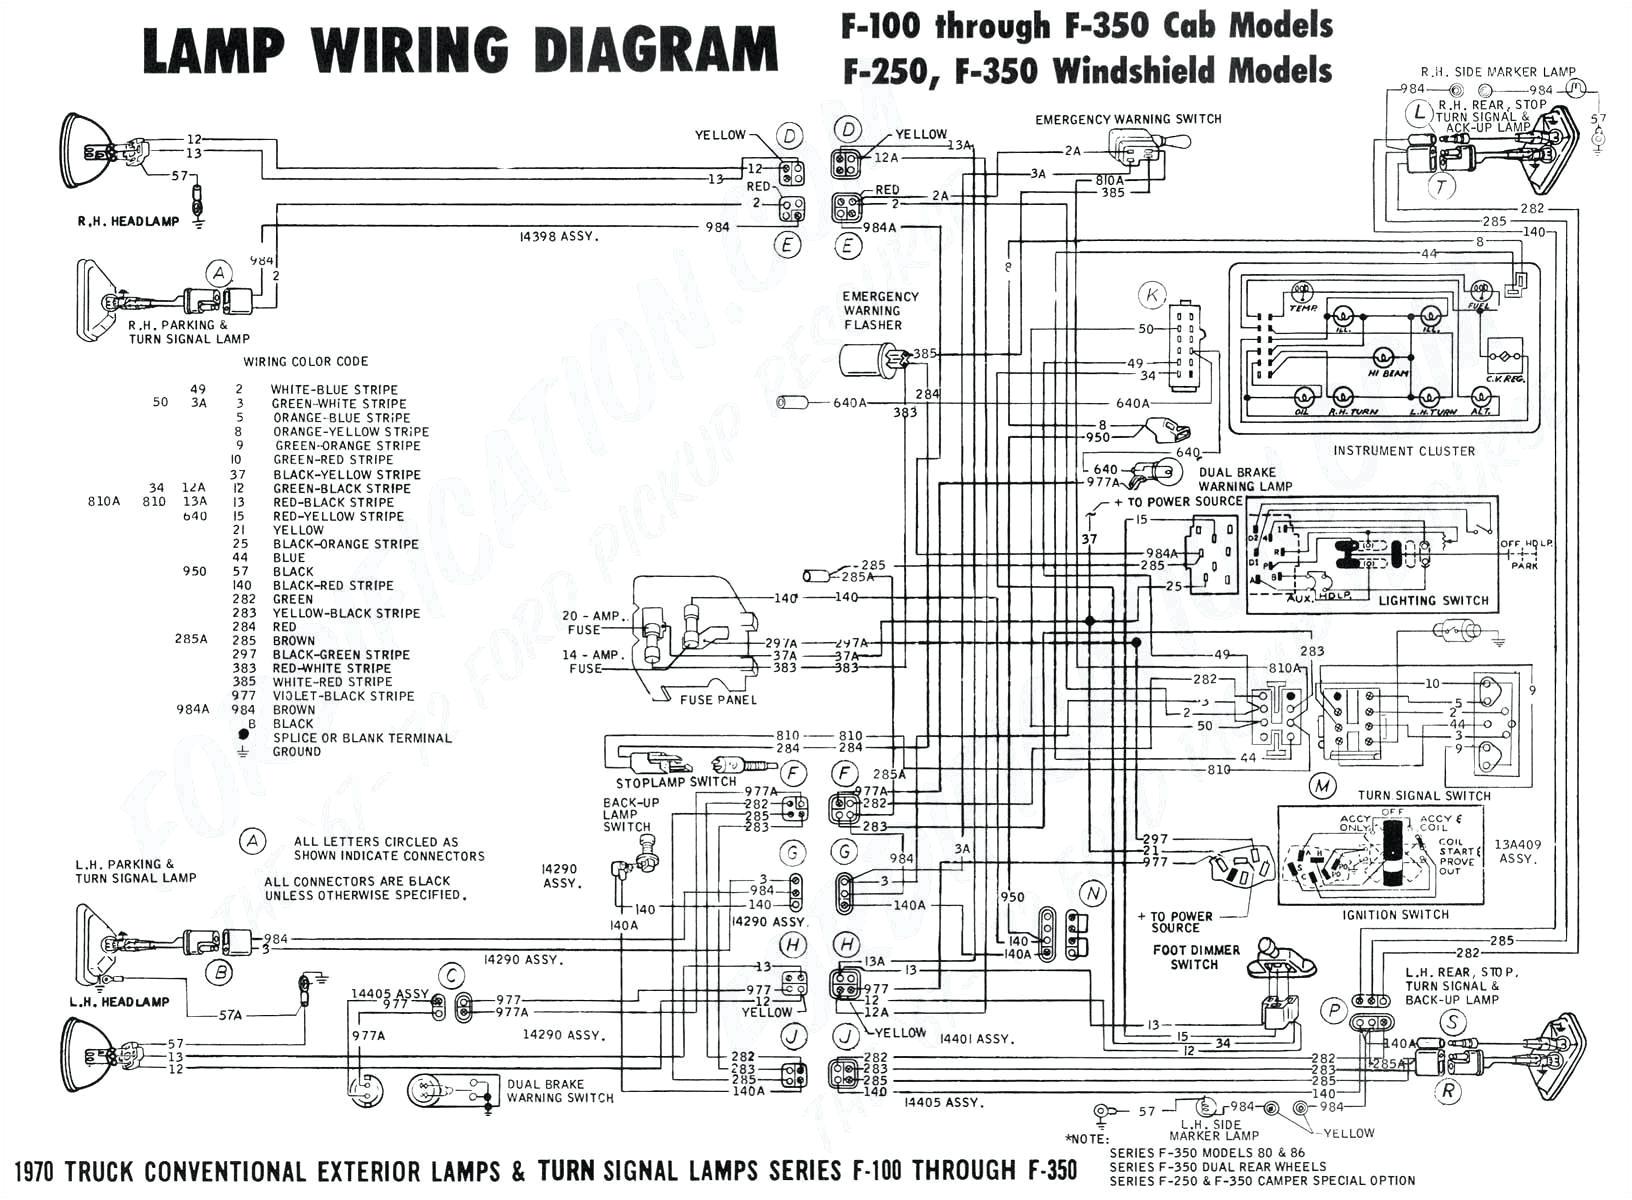 Mopar Starter Relay Wiring Diagram Show Images 1977 318 Engine Wiring Harness Schematics Wiring